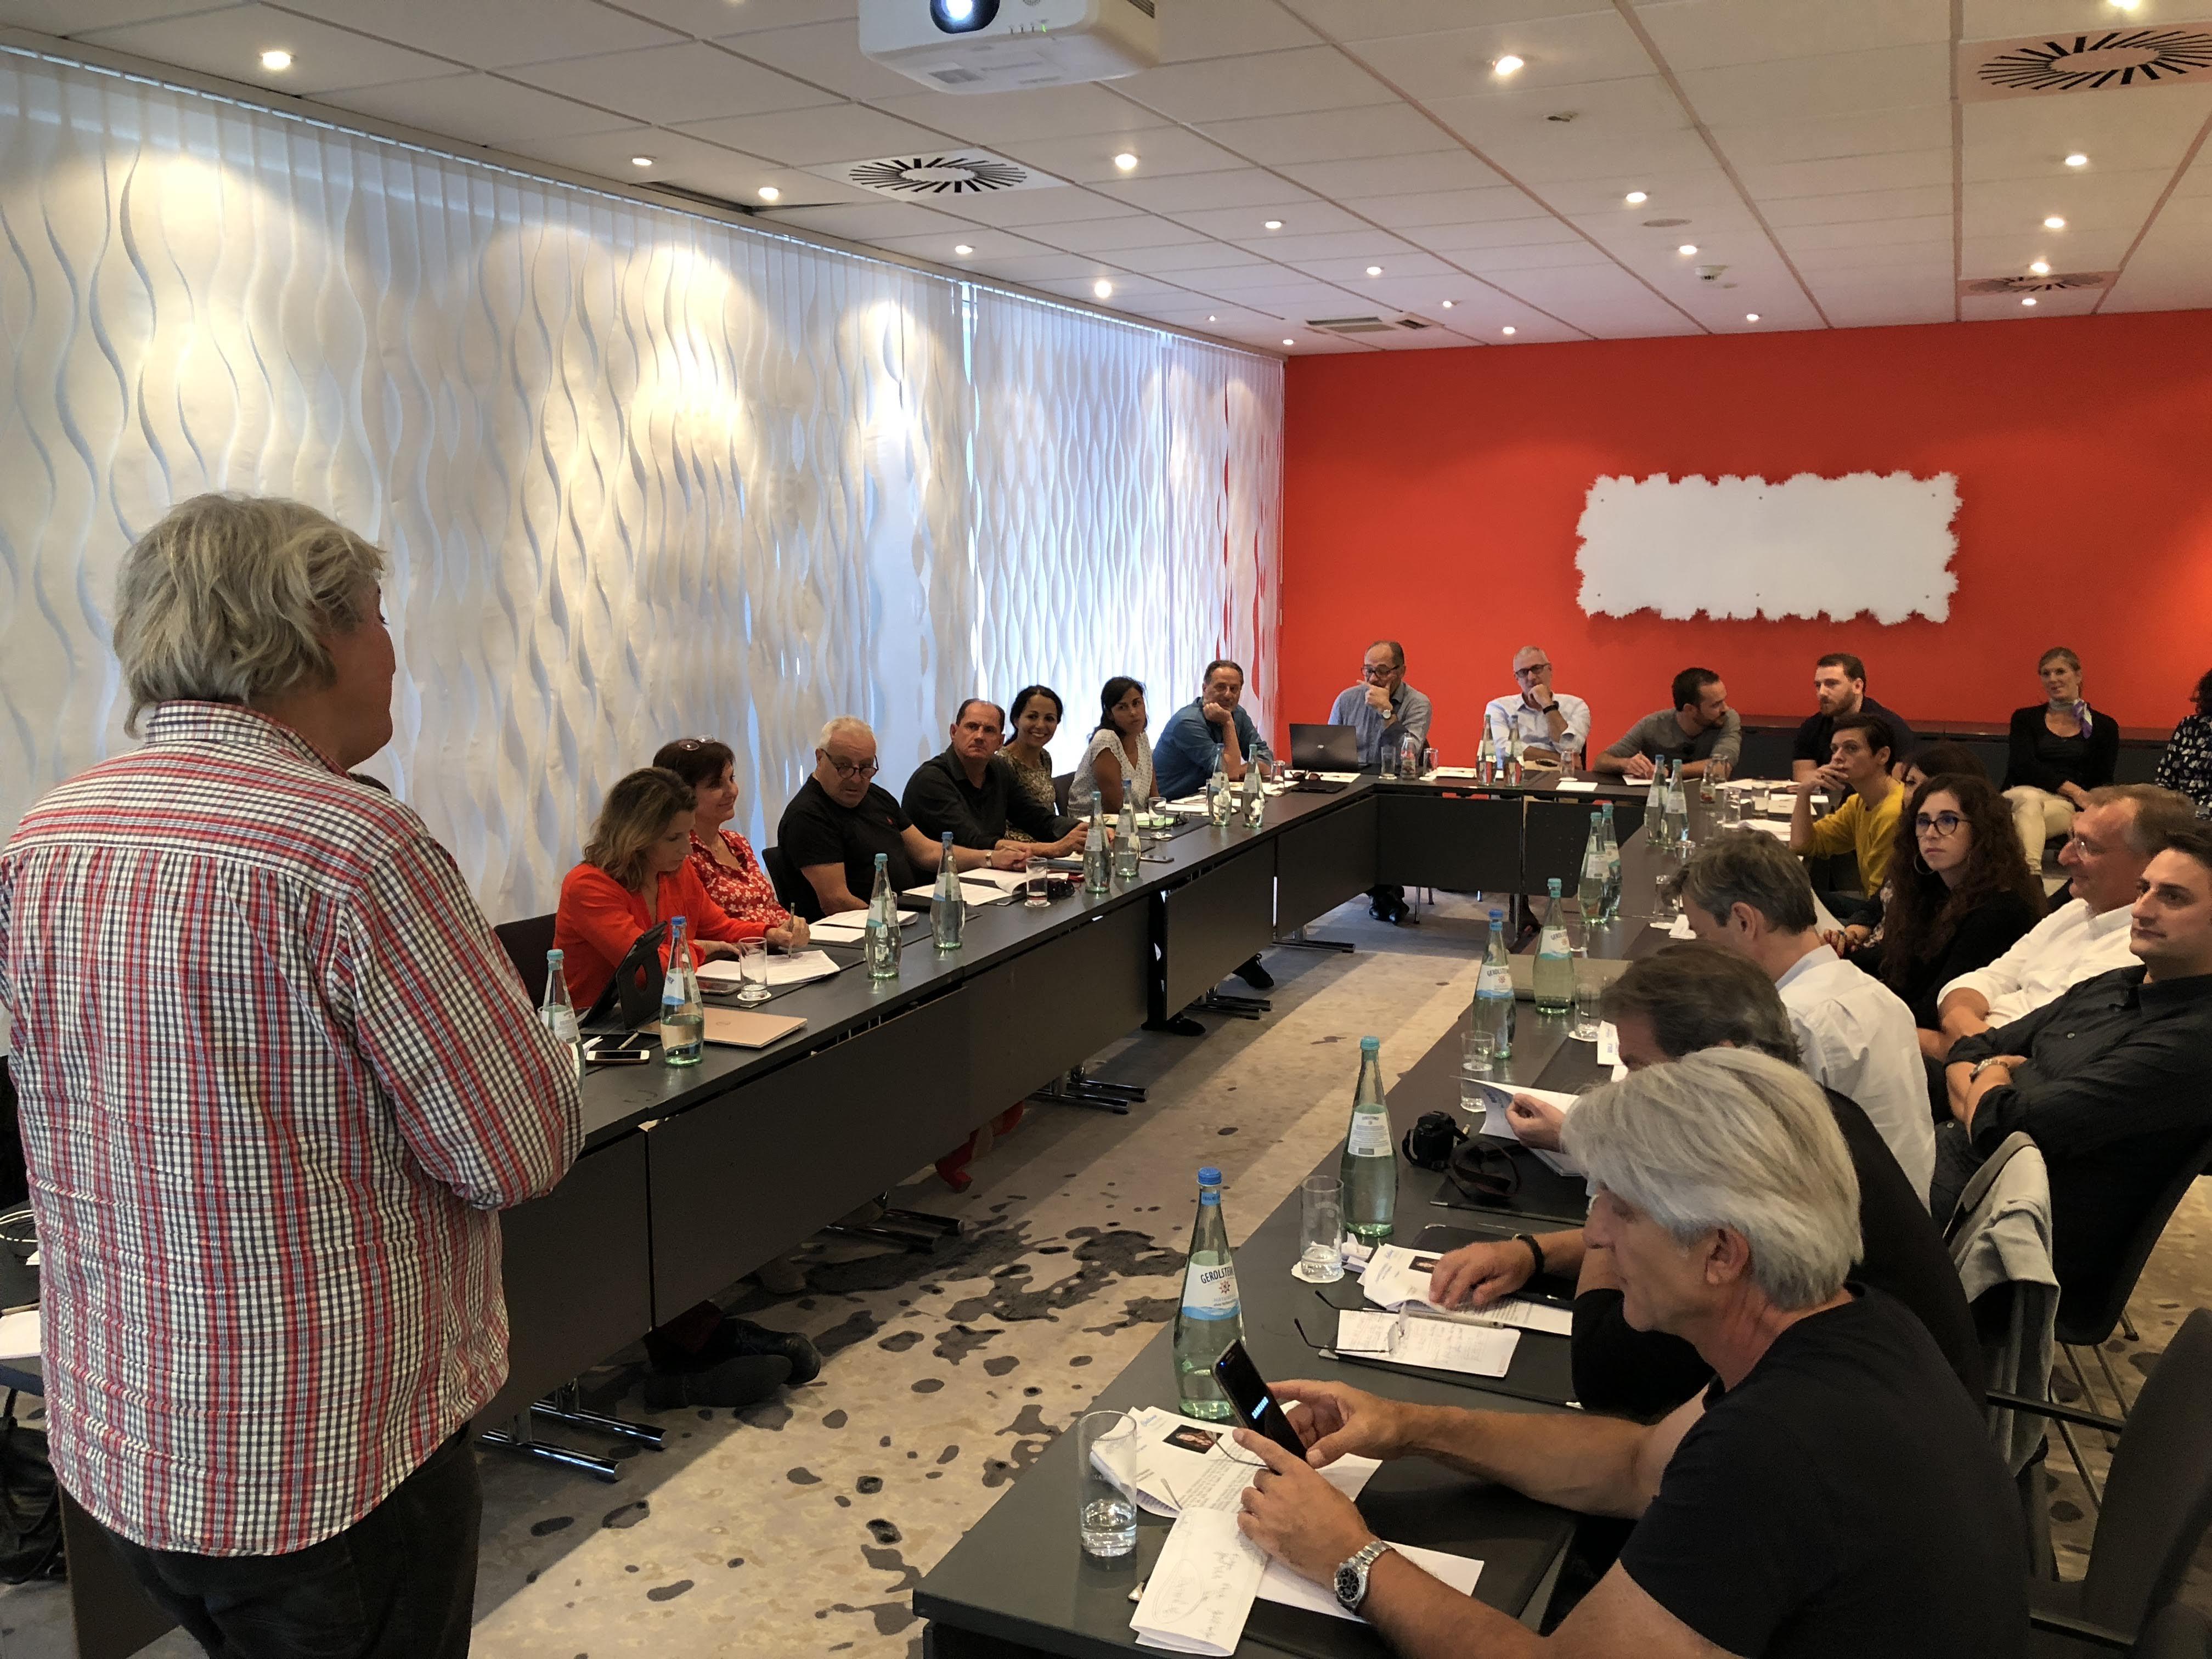 Blogueurs et influenceurs ont occupé les travaux de Challenge Tourisme pour cette édition 2018 à Berlin /crédit photo JDL